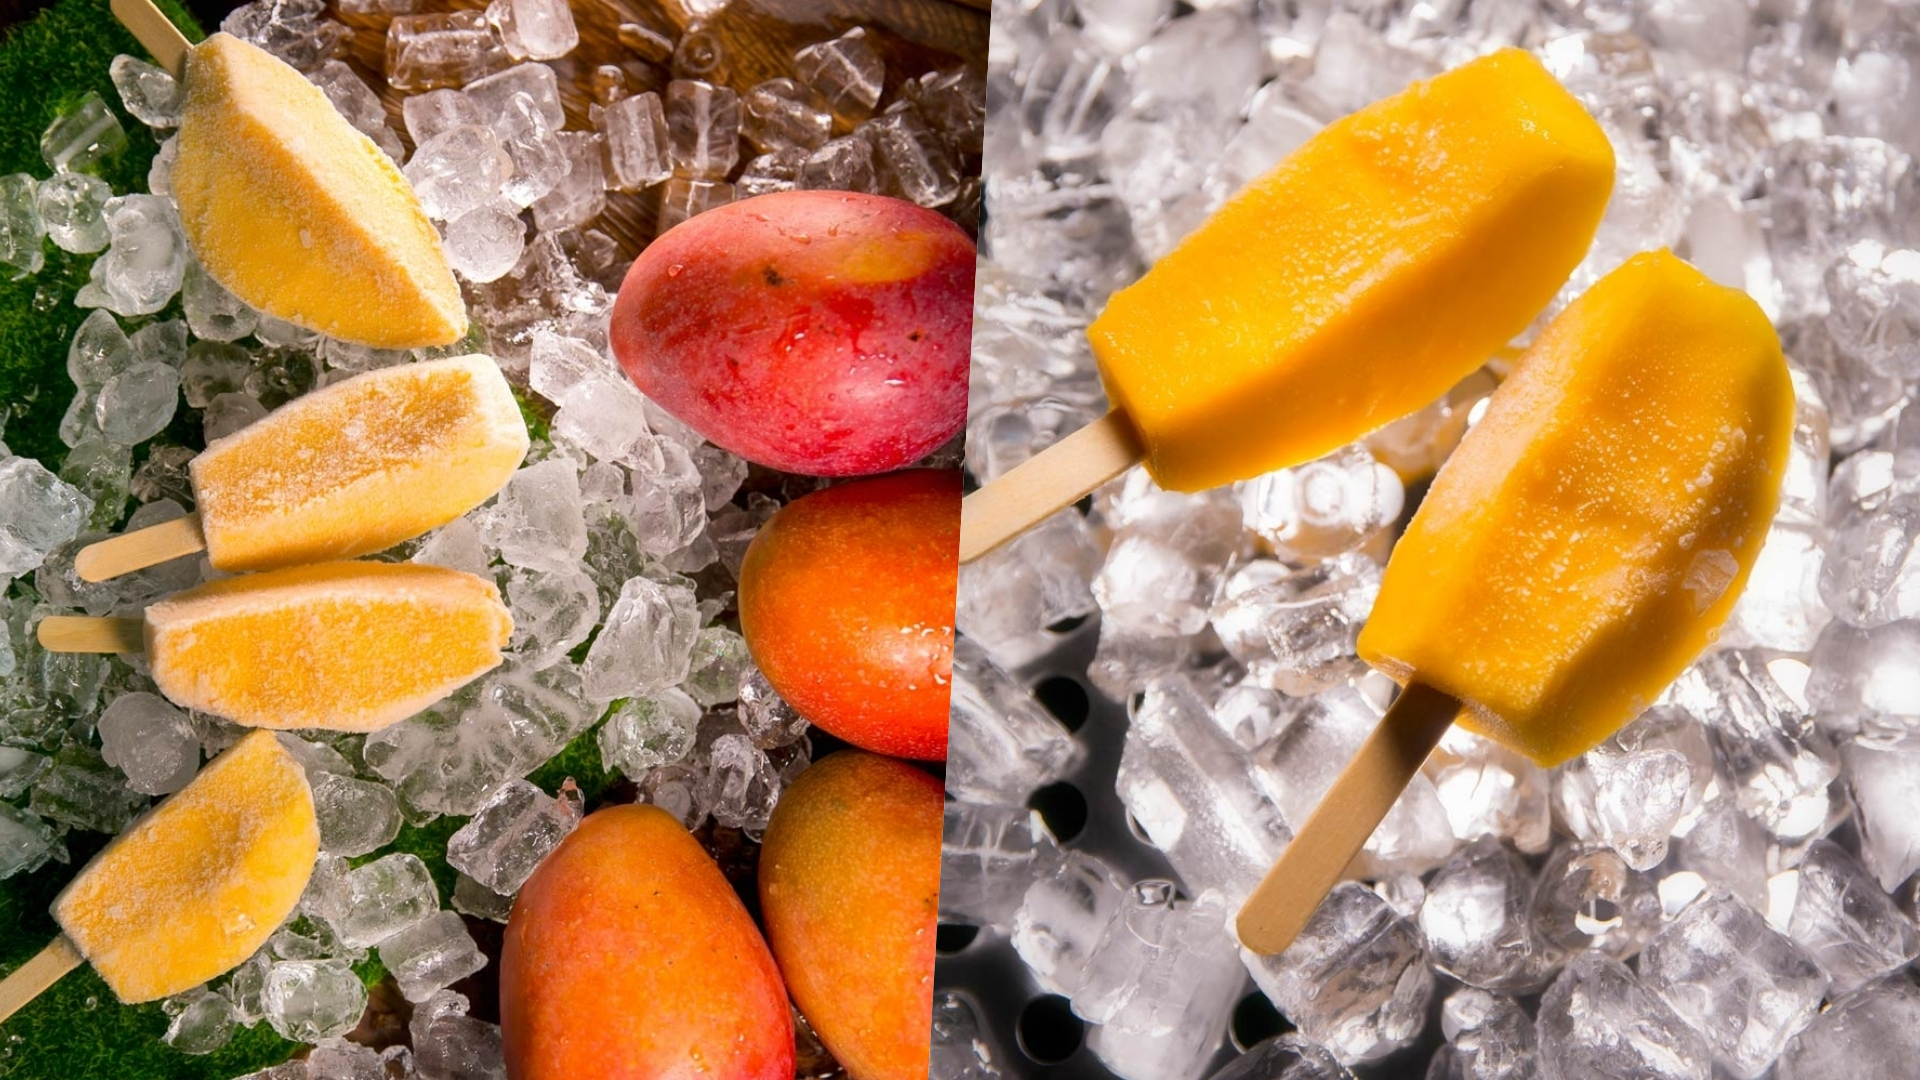 嚴選外銷日本等級的芒果,冷凍製成冰棒,吃起來有冰淇淋的口感,一路到冬天都能品嚐芒果的美味!